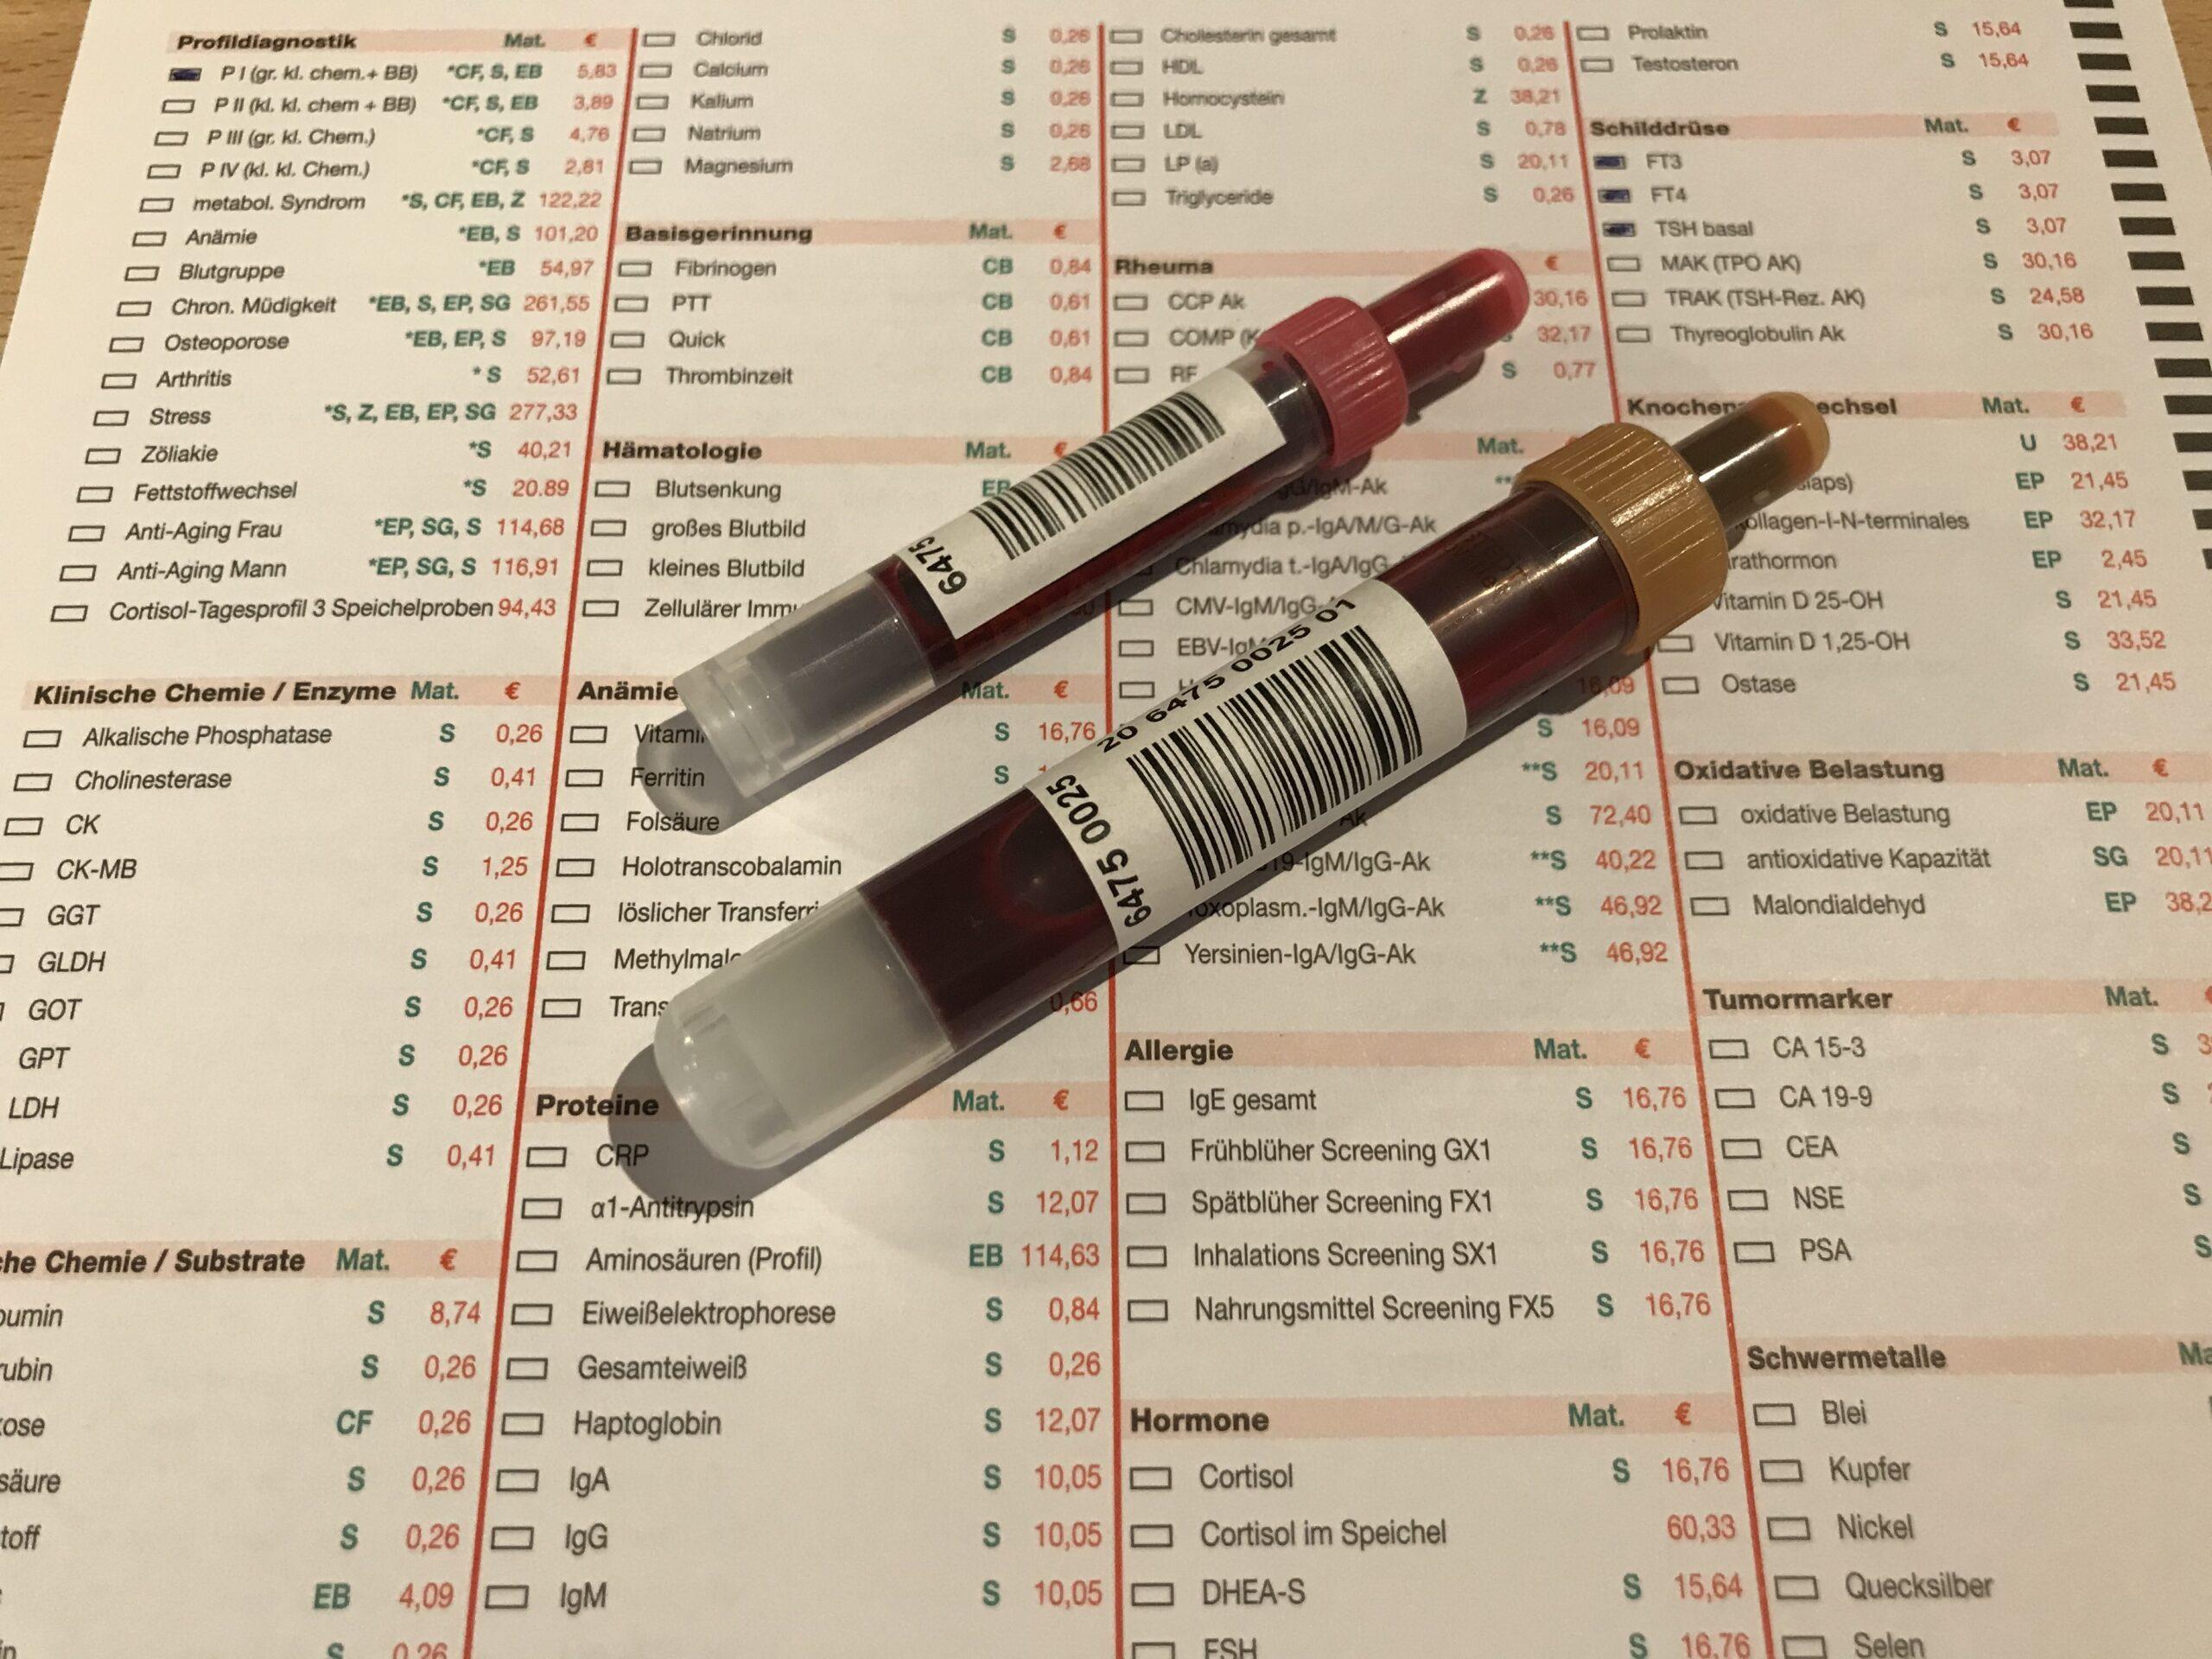 Blutlabor-Untersuchung